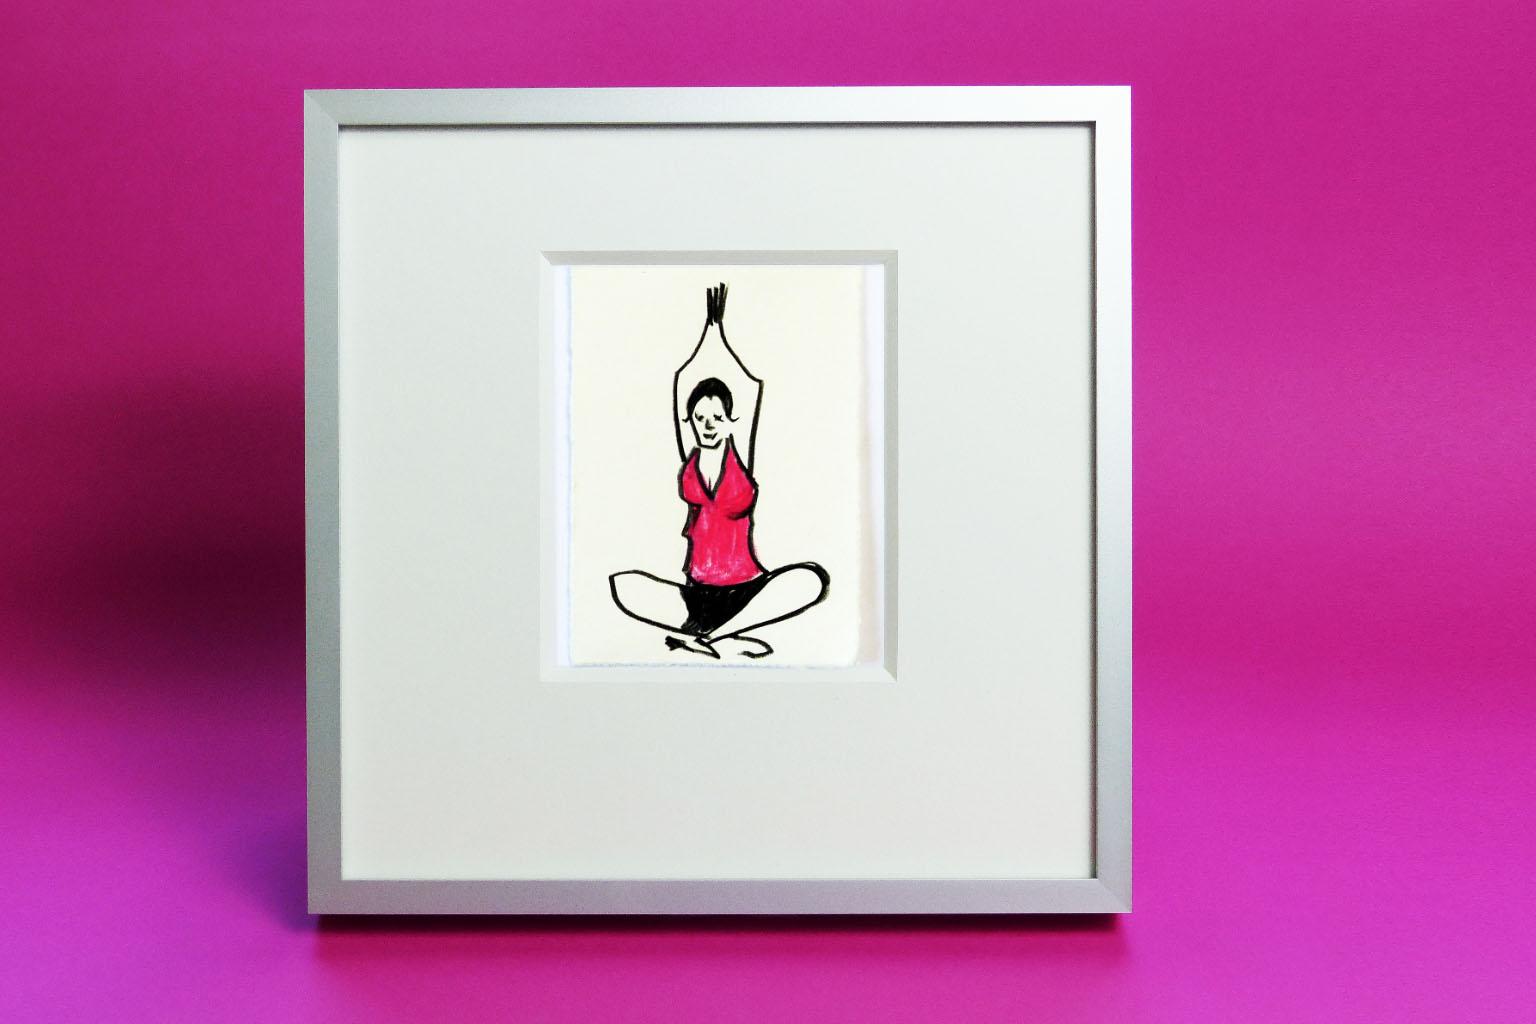 frau-yoga-uebung-4-gross-joerg-herz